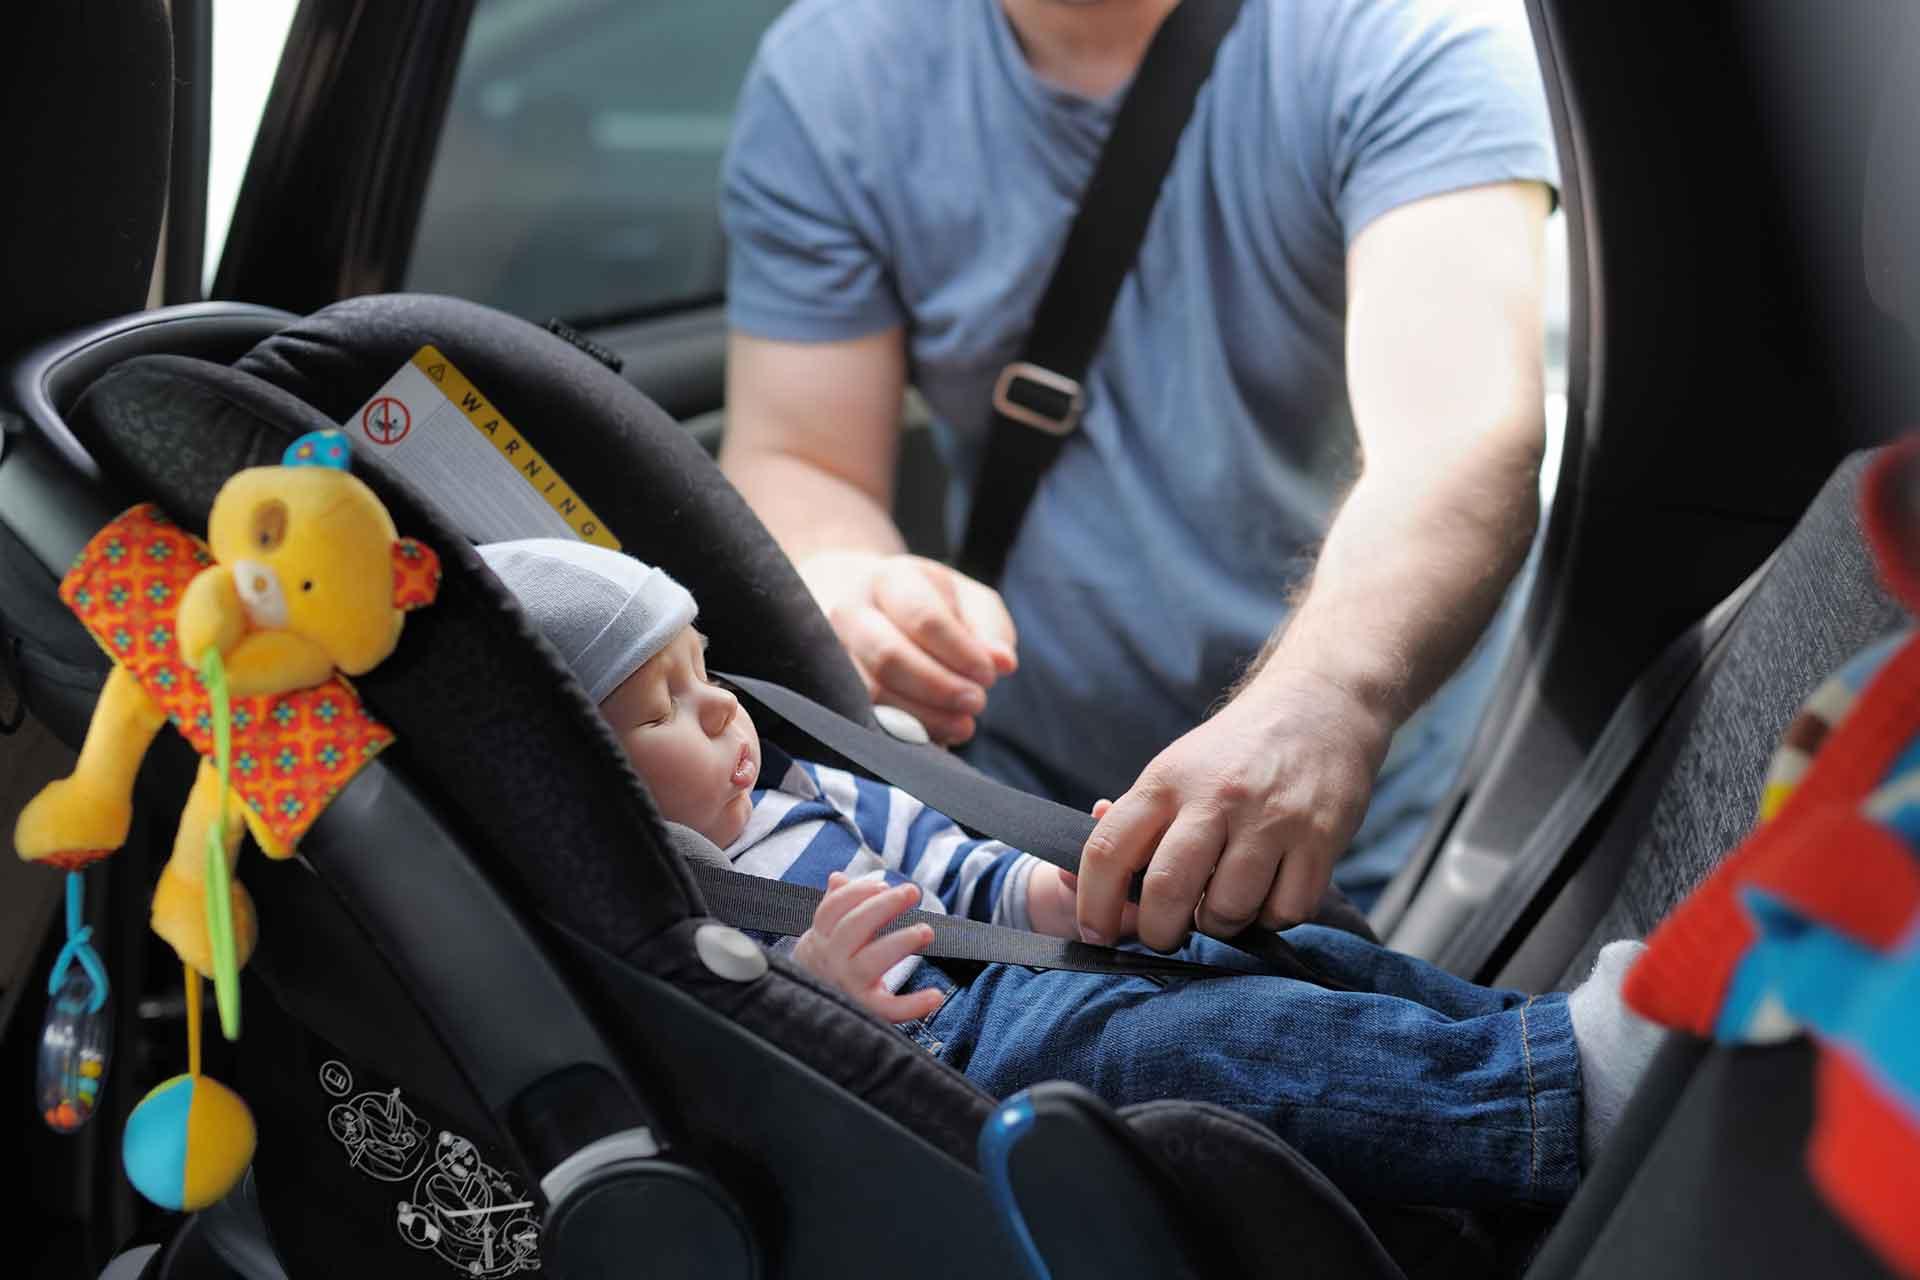 Preventing-vehicular-heatstroke